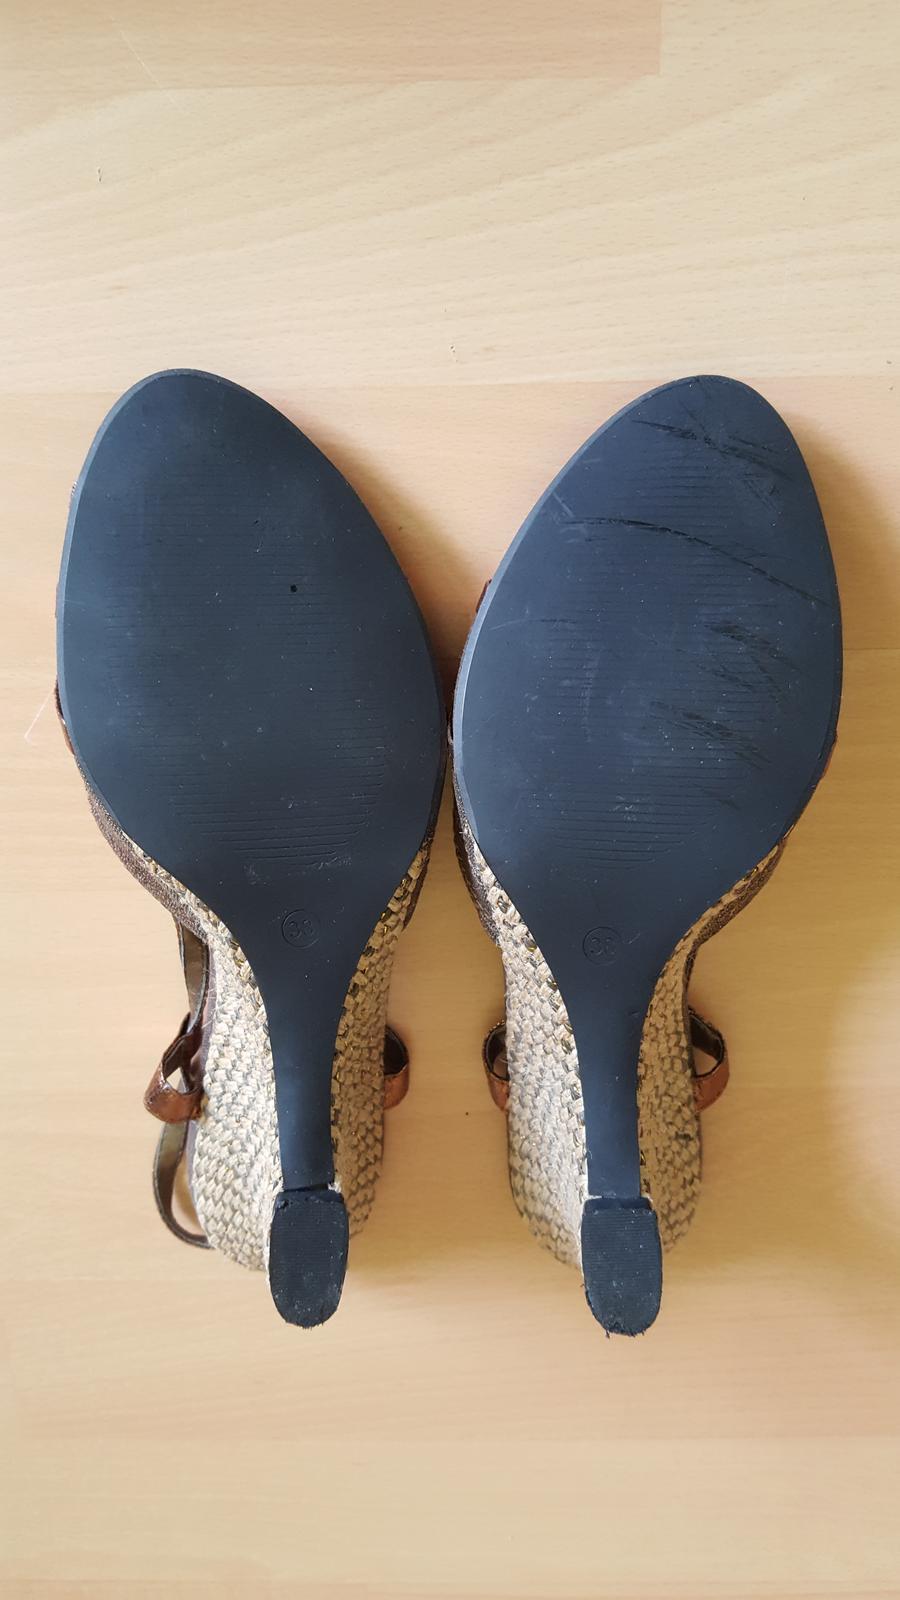 Hnědé boty na klínku  - Obrázek č. 2